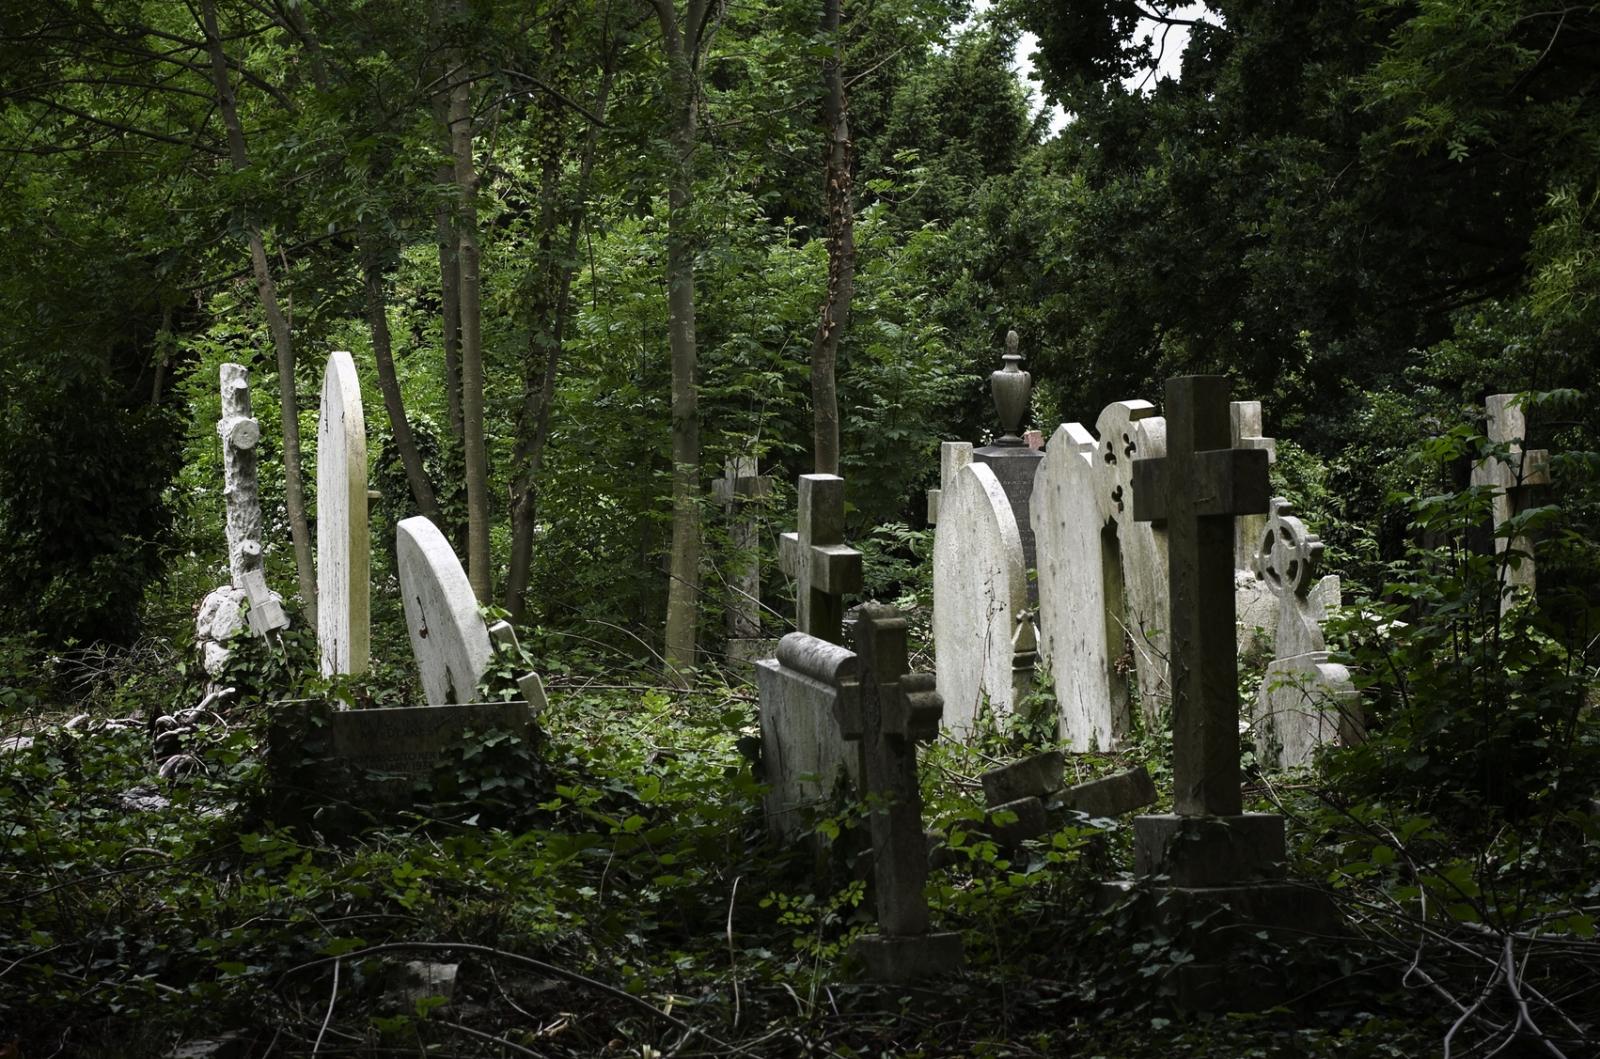 graveyard creepy spooky